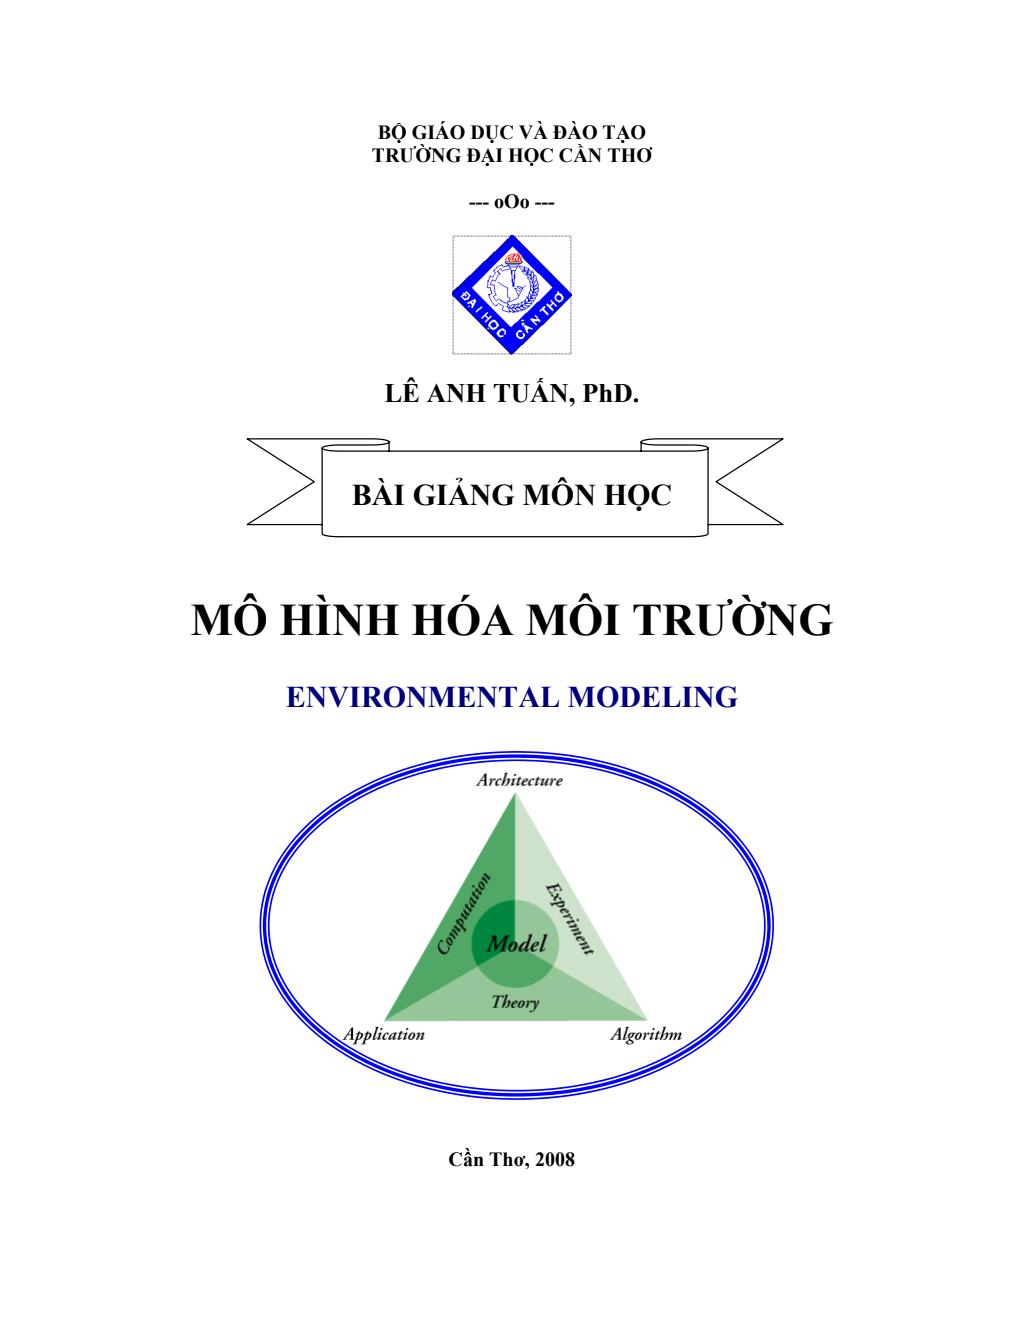 Bài giảng Mô Hình Hóa Môi Trường – PhD.Lê Anh Tuấn